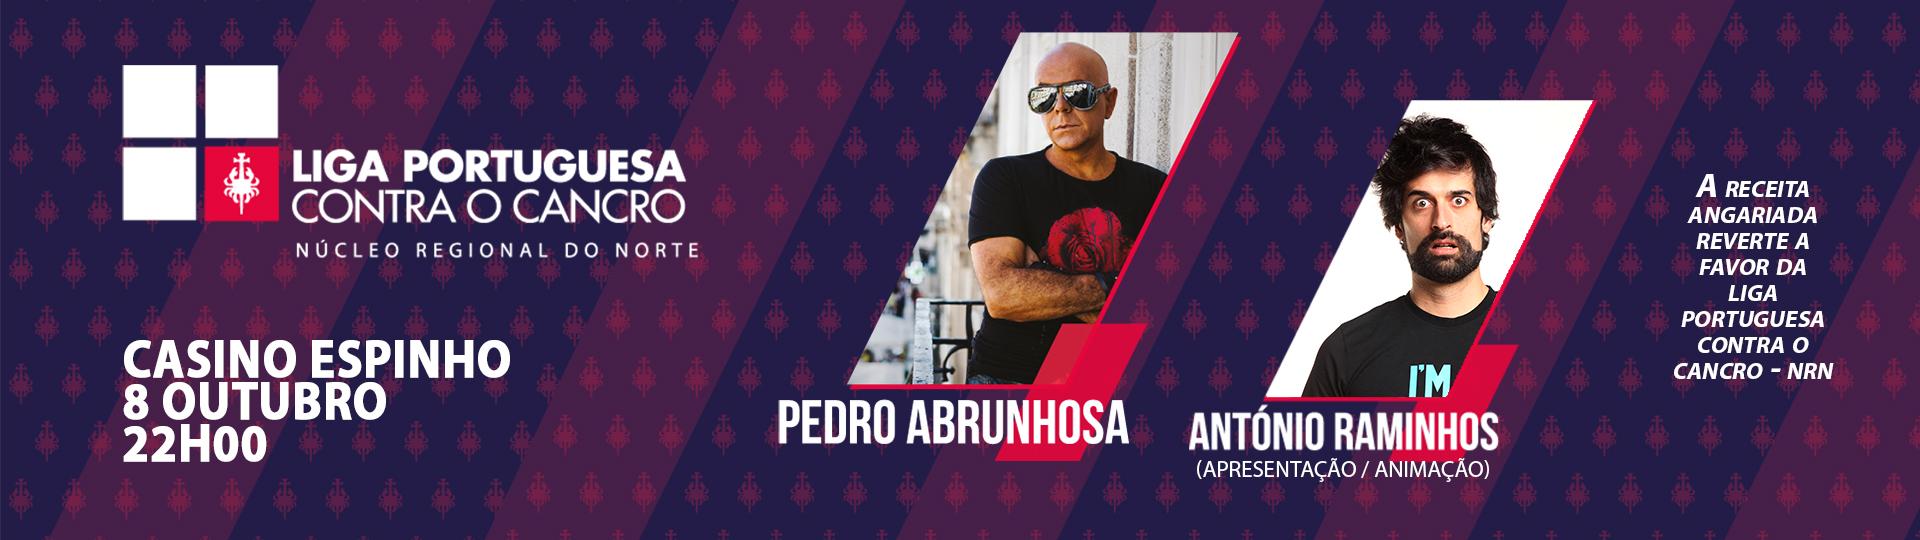 AntónioRaminhos&PedroAbrunhosa